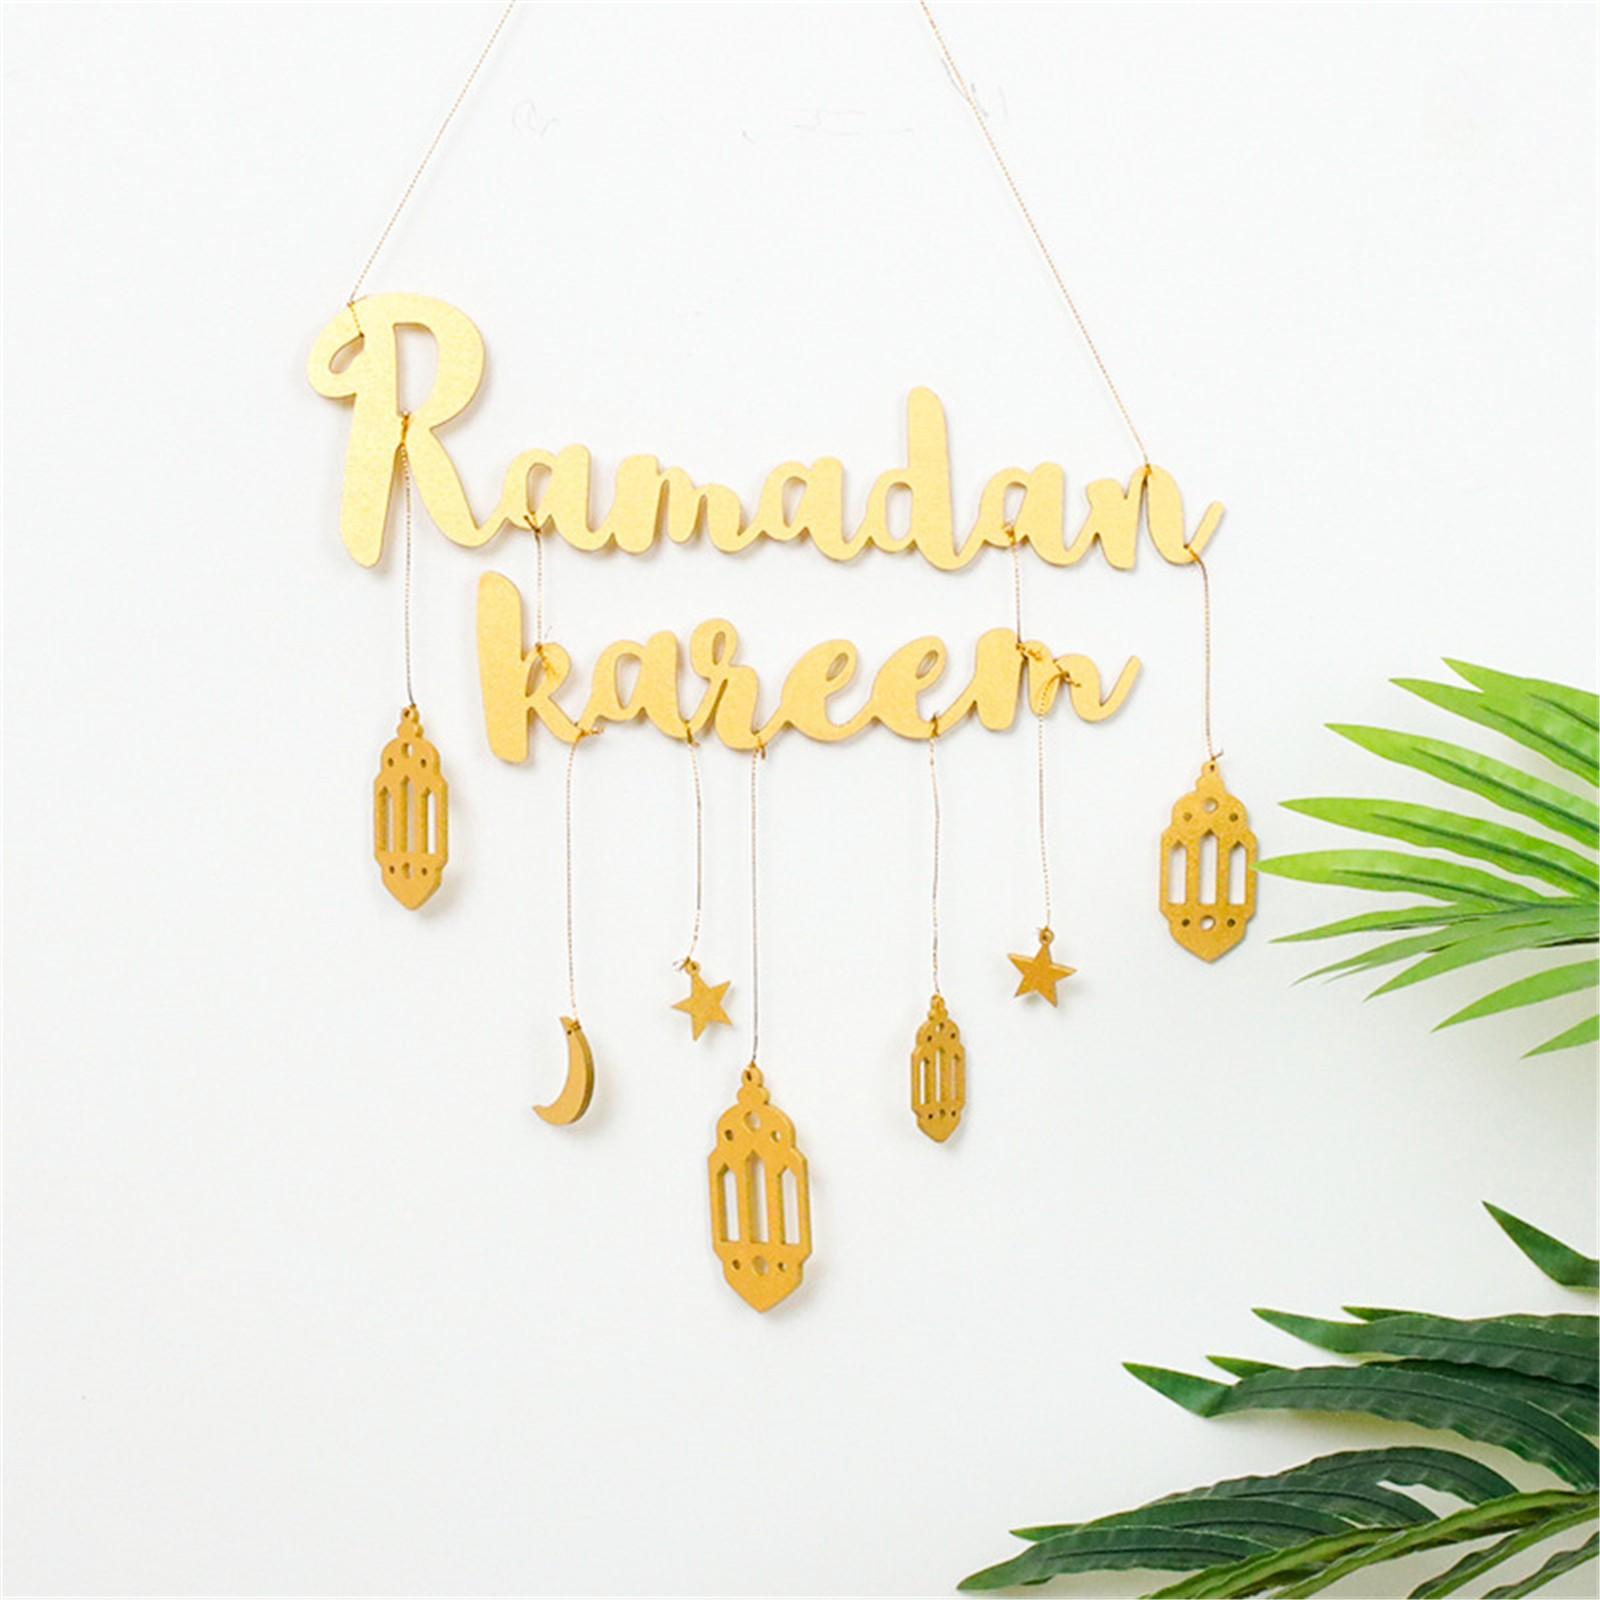 Schnelle Lieferung Ramadan Kareem Auspicious Brief Wand Dekoration Sterne Mond Diy Holz Ornament Zubehör Eid Mubarak Decor